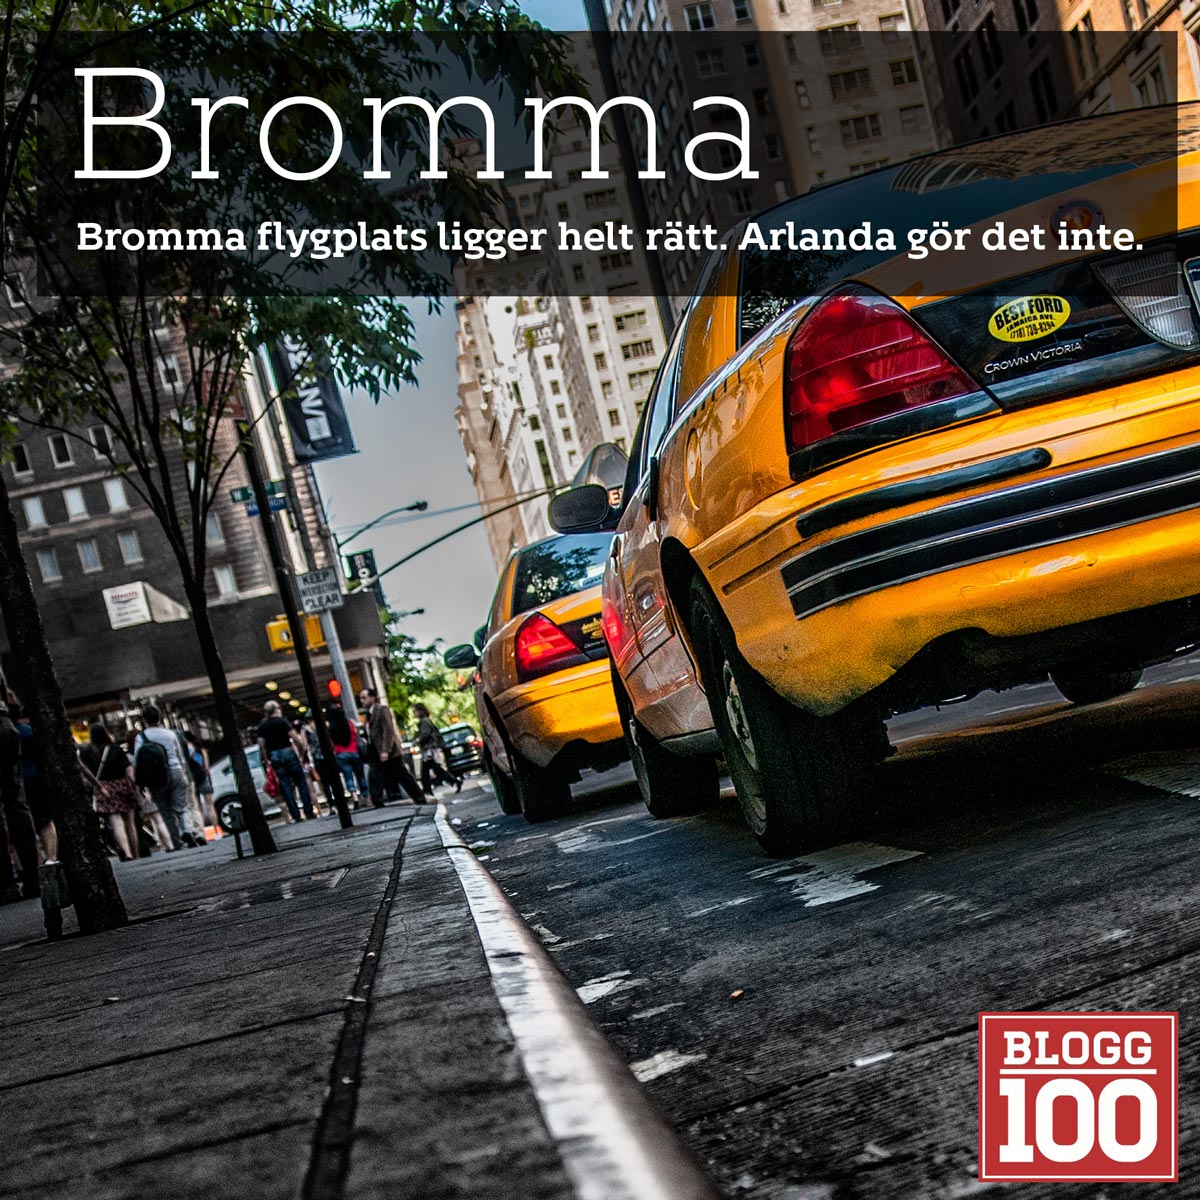 Bromma, den logiska flygplatsen #blogg100 #fb